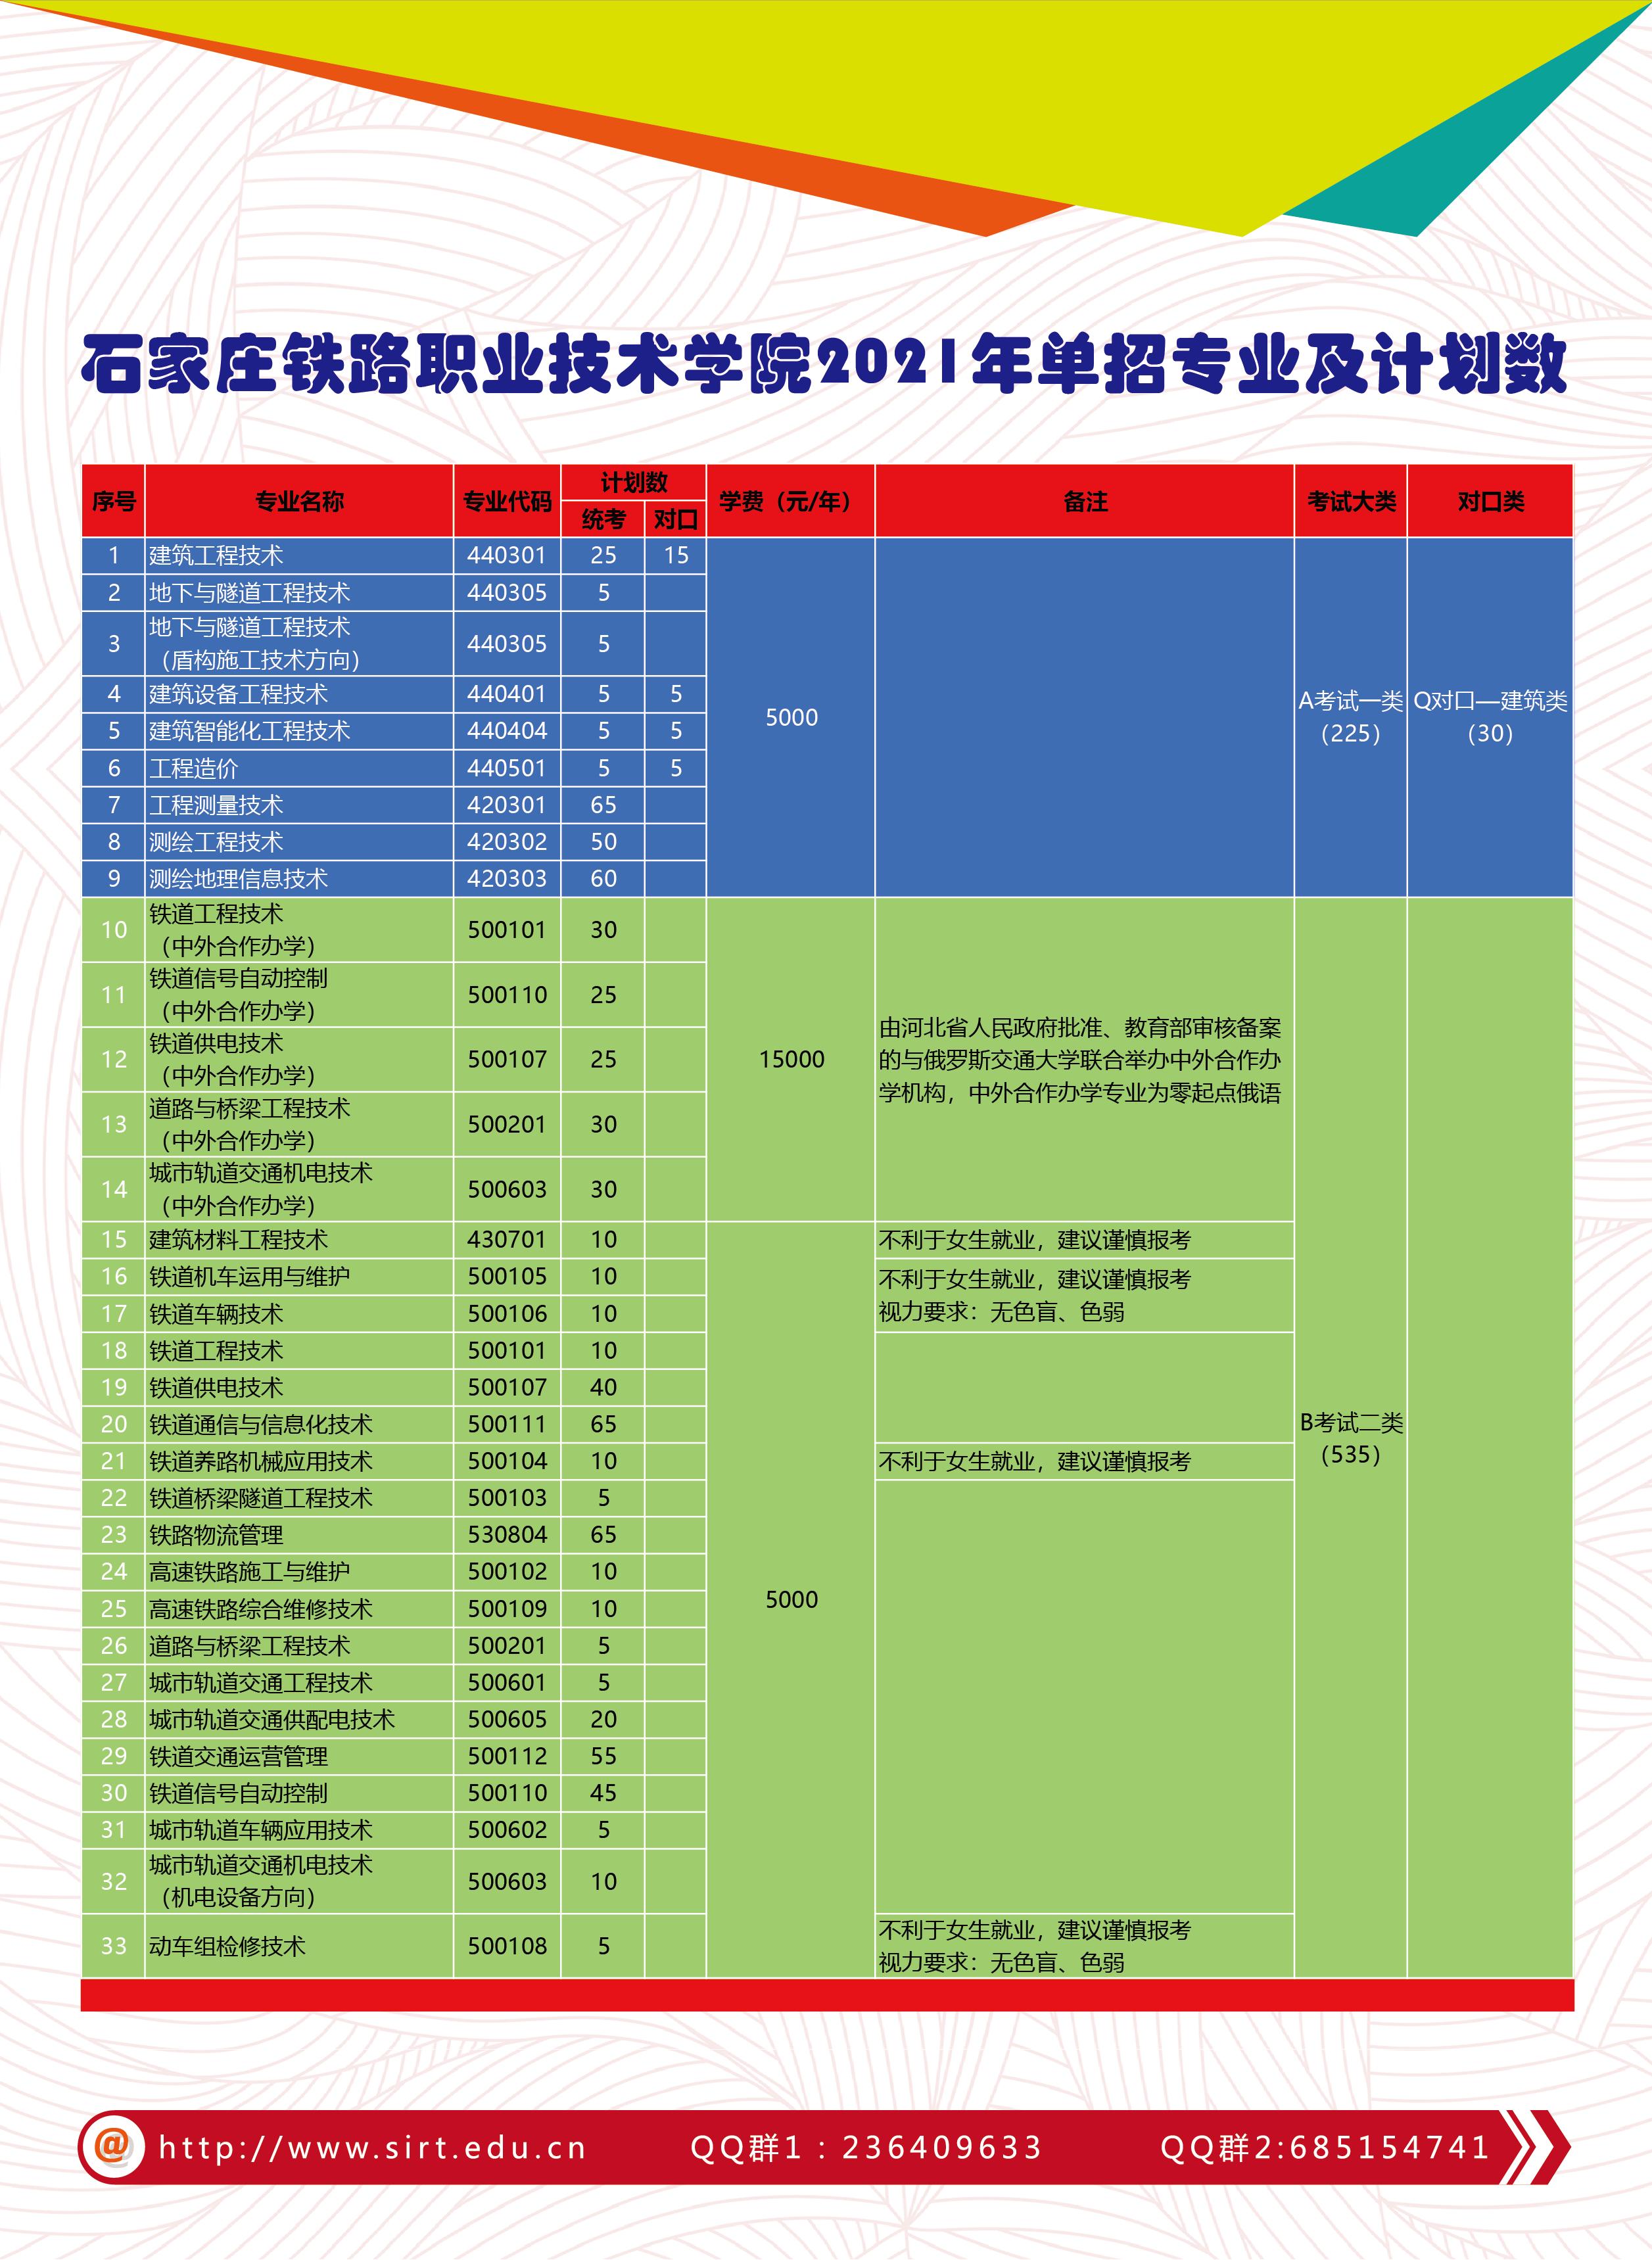 4石家庄铁路职业技术学院2021年单招简章3.22改-03_看图王.png